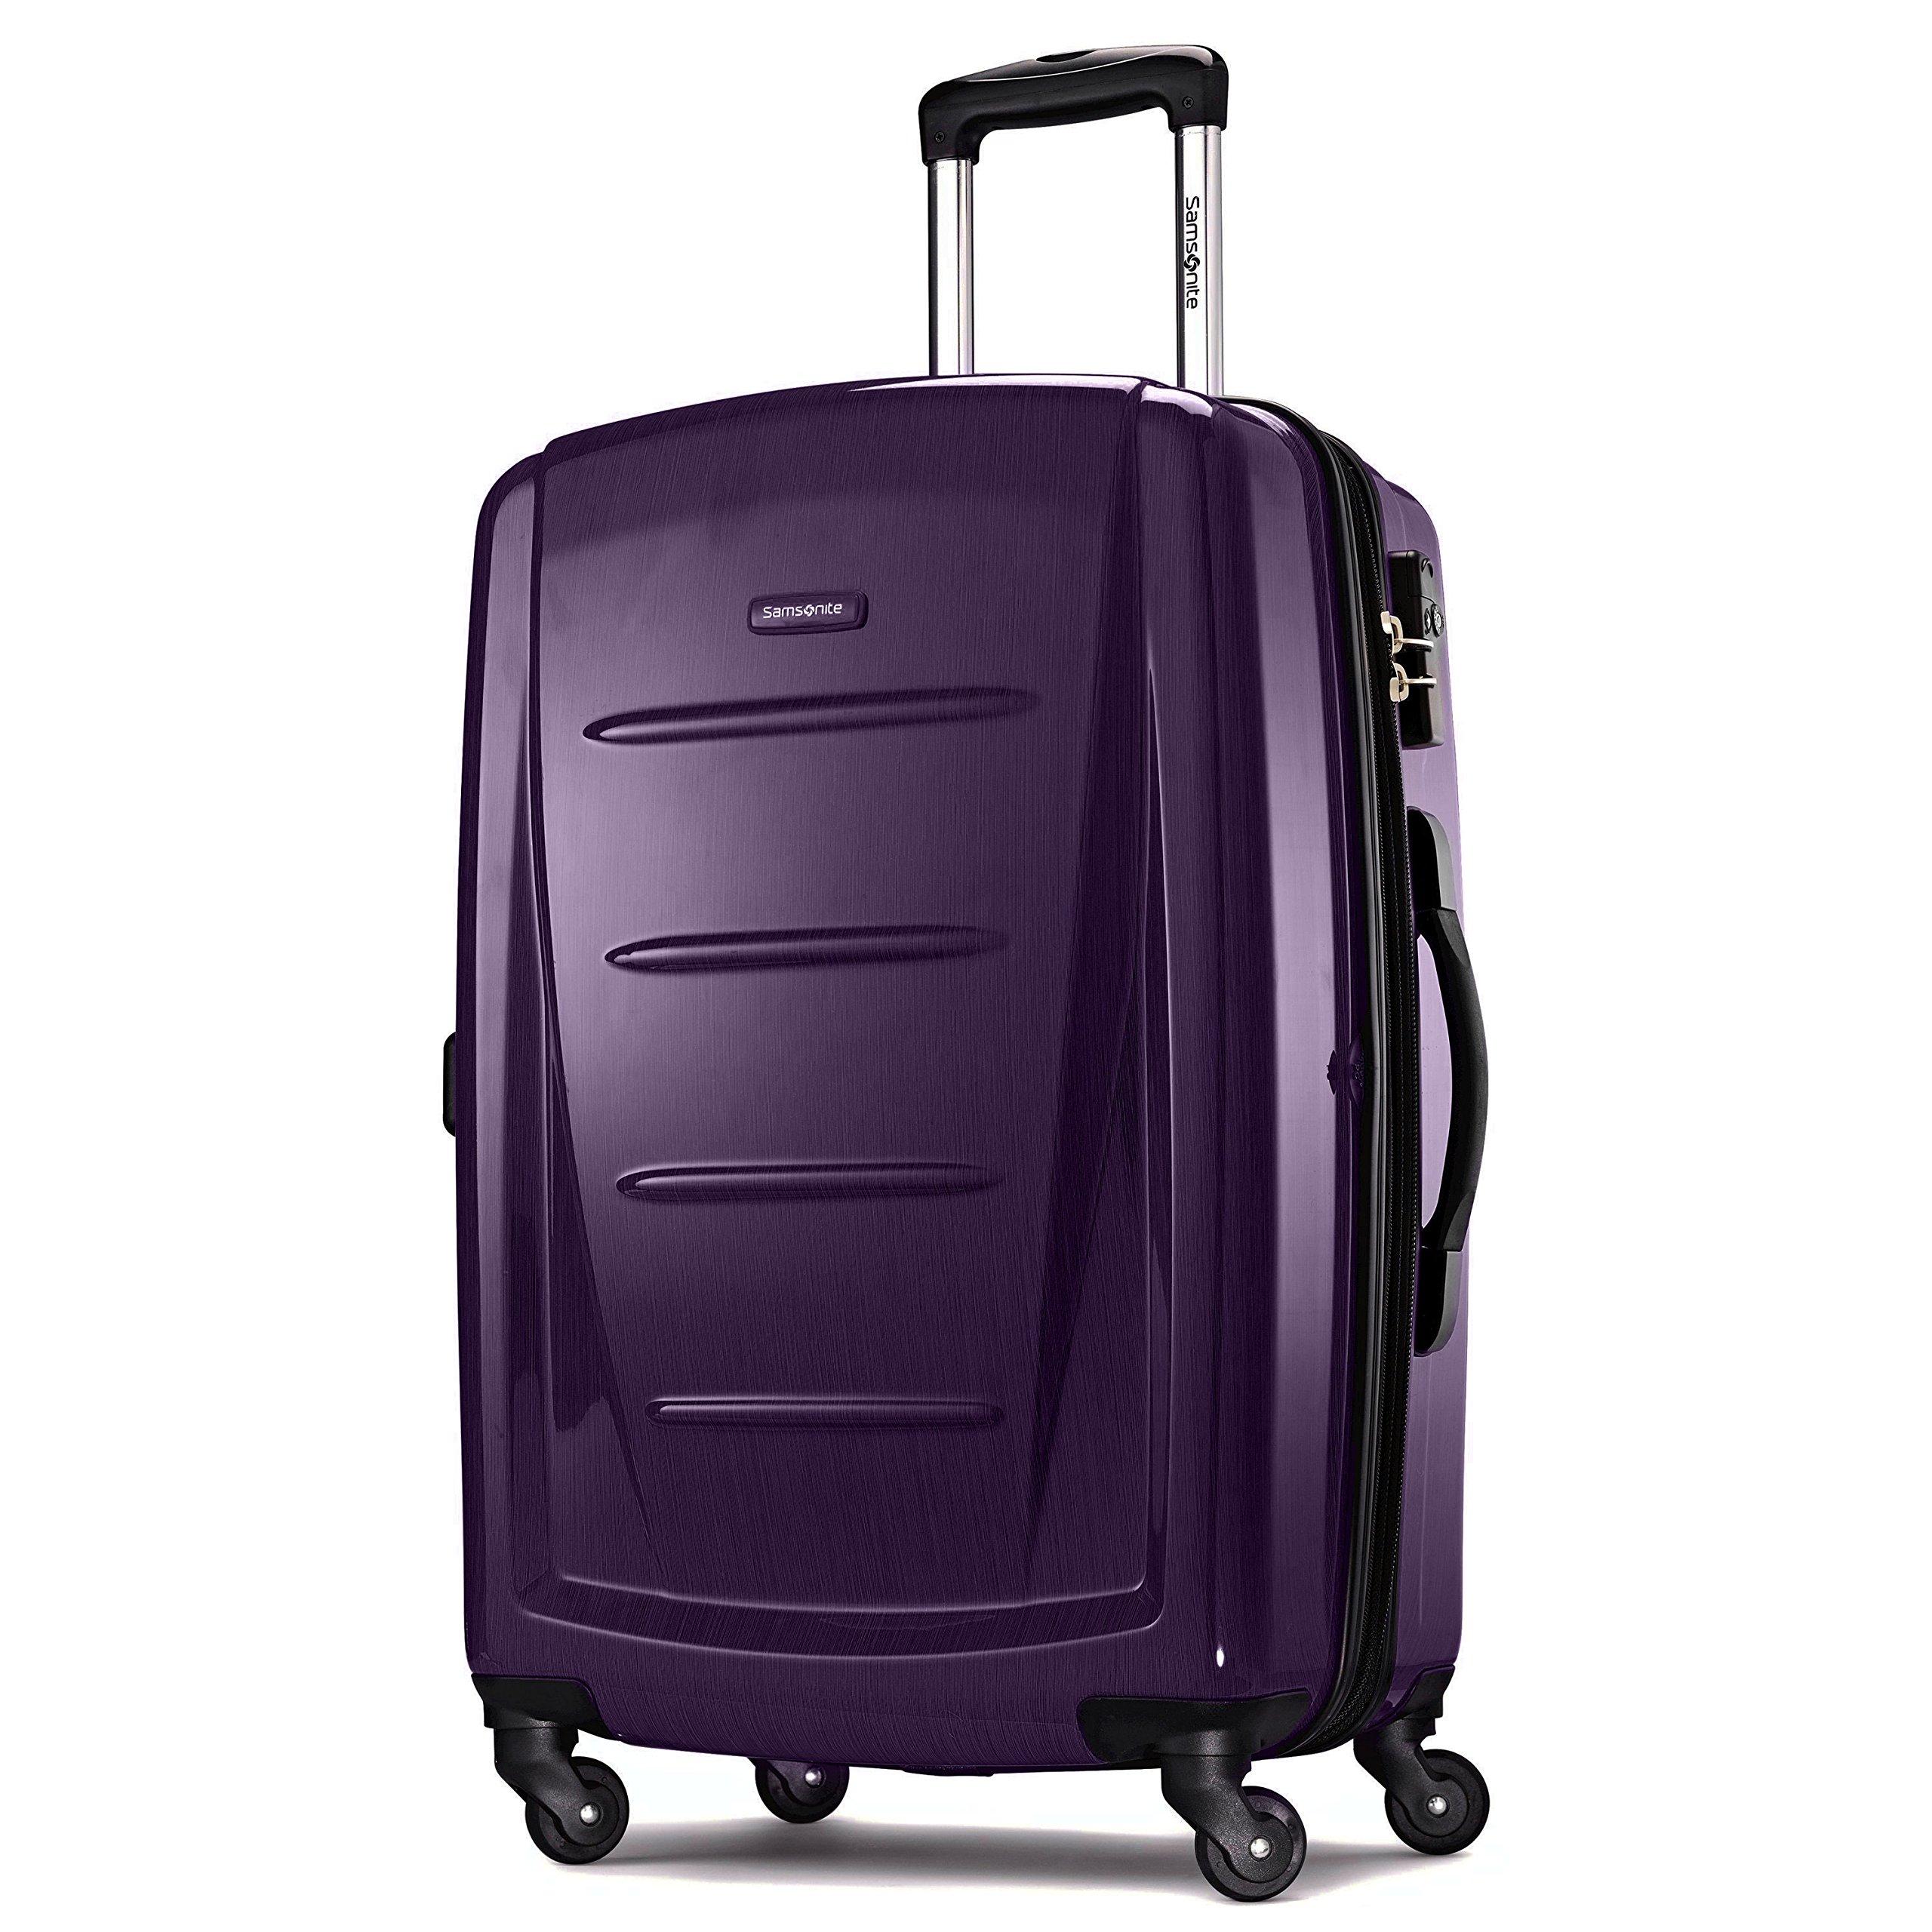 Samsonite Winfield 2 Hardside 28'' Luggage, Purple